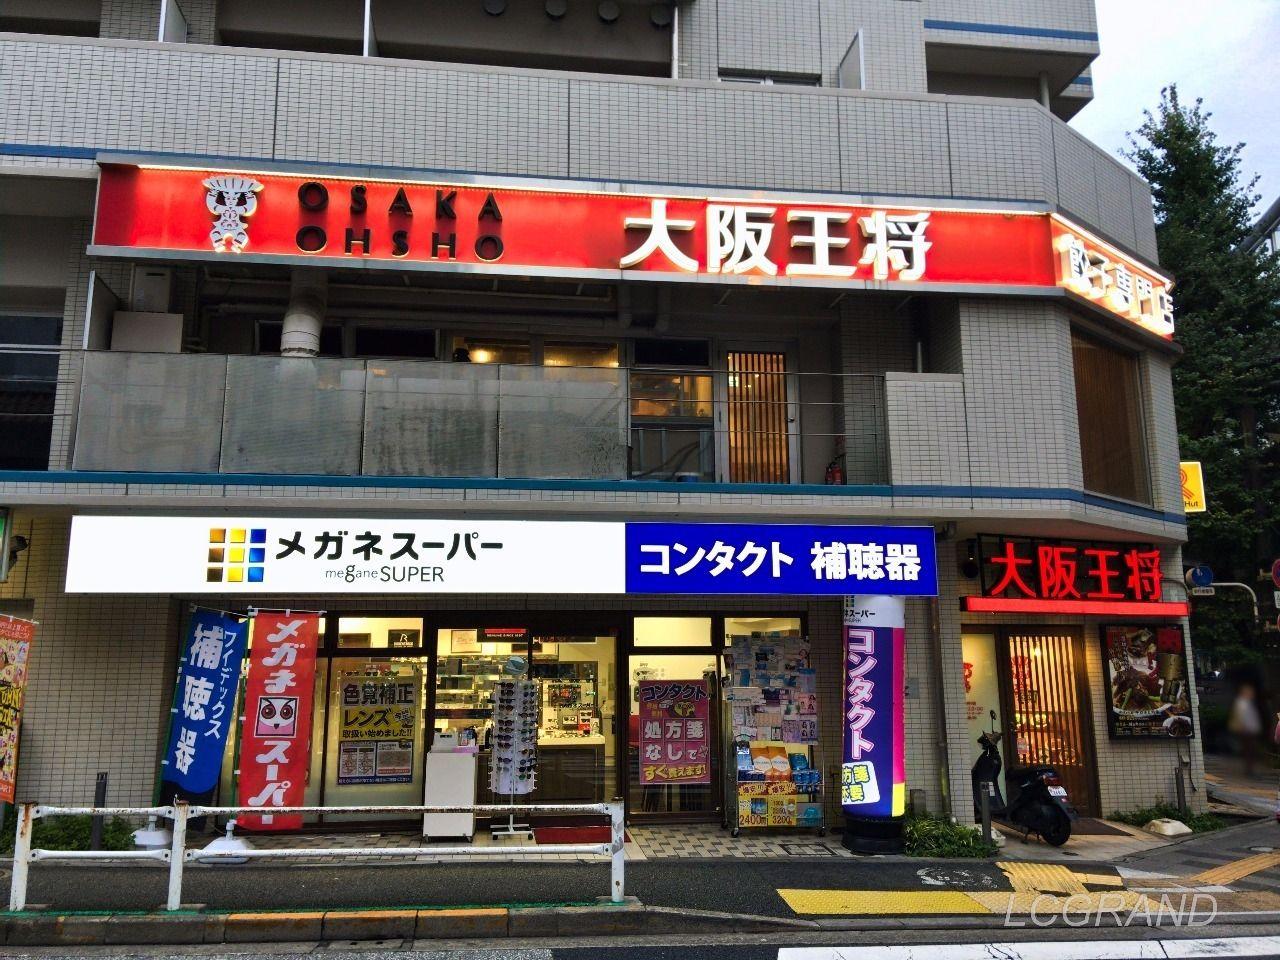 駒沢交差点にある世田谷区唯一の大阪王将